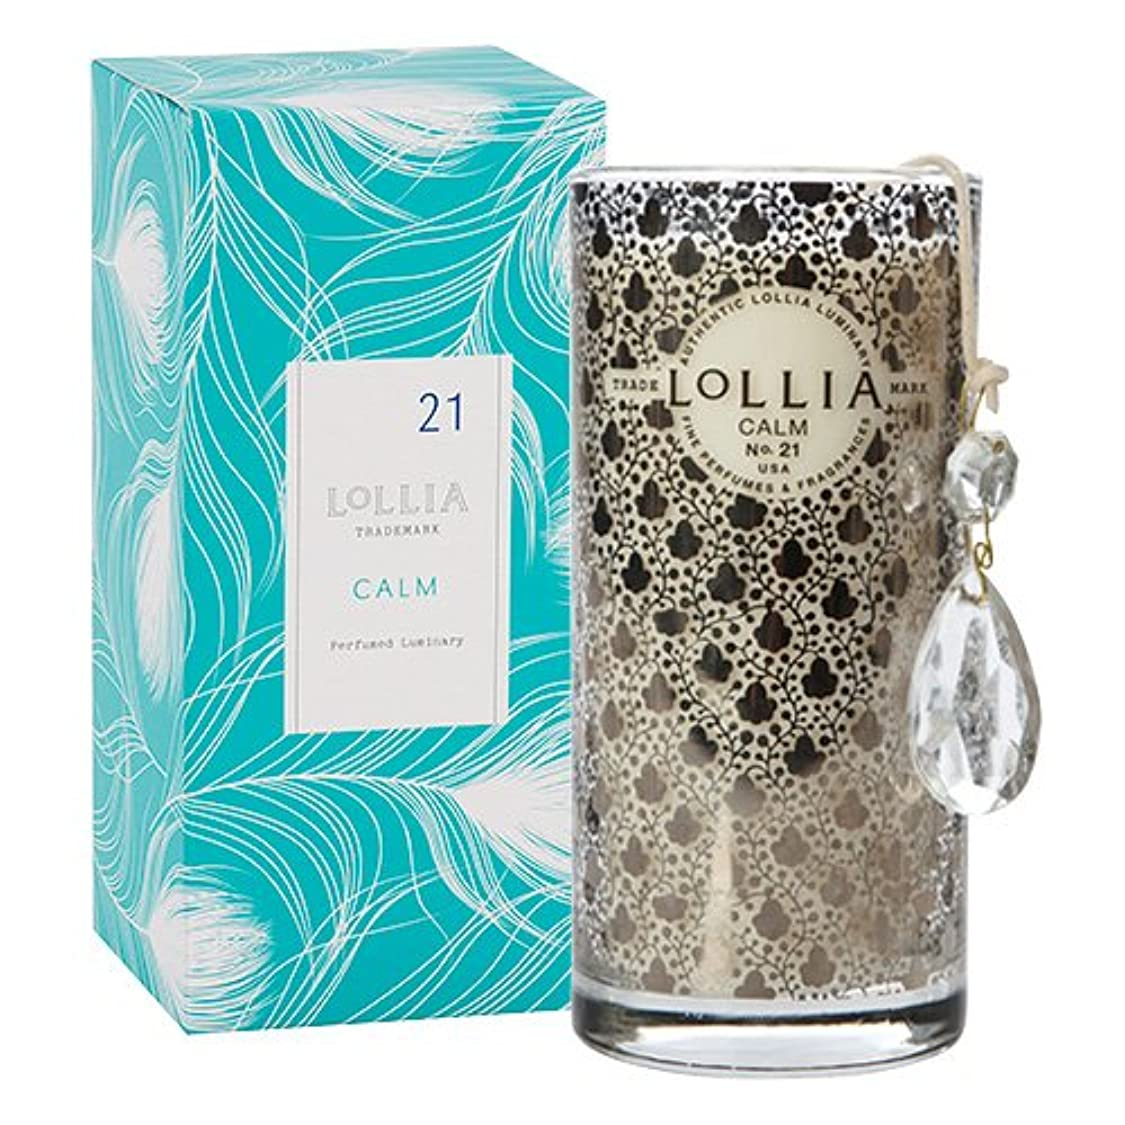 世辞収穫連続したロリア(LoLLIA) プティパフュームドルミナリー290g Calm(チャーム付キャンドル アイリス、シトラス、ヒヤシンスのクリーン&フレッシュな香り)